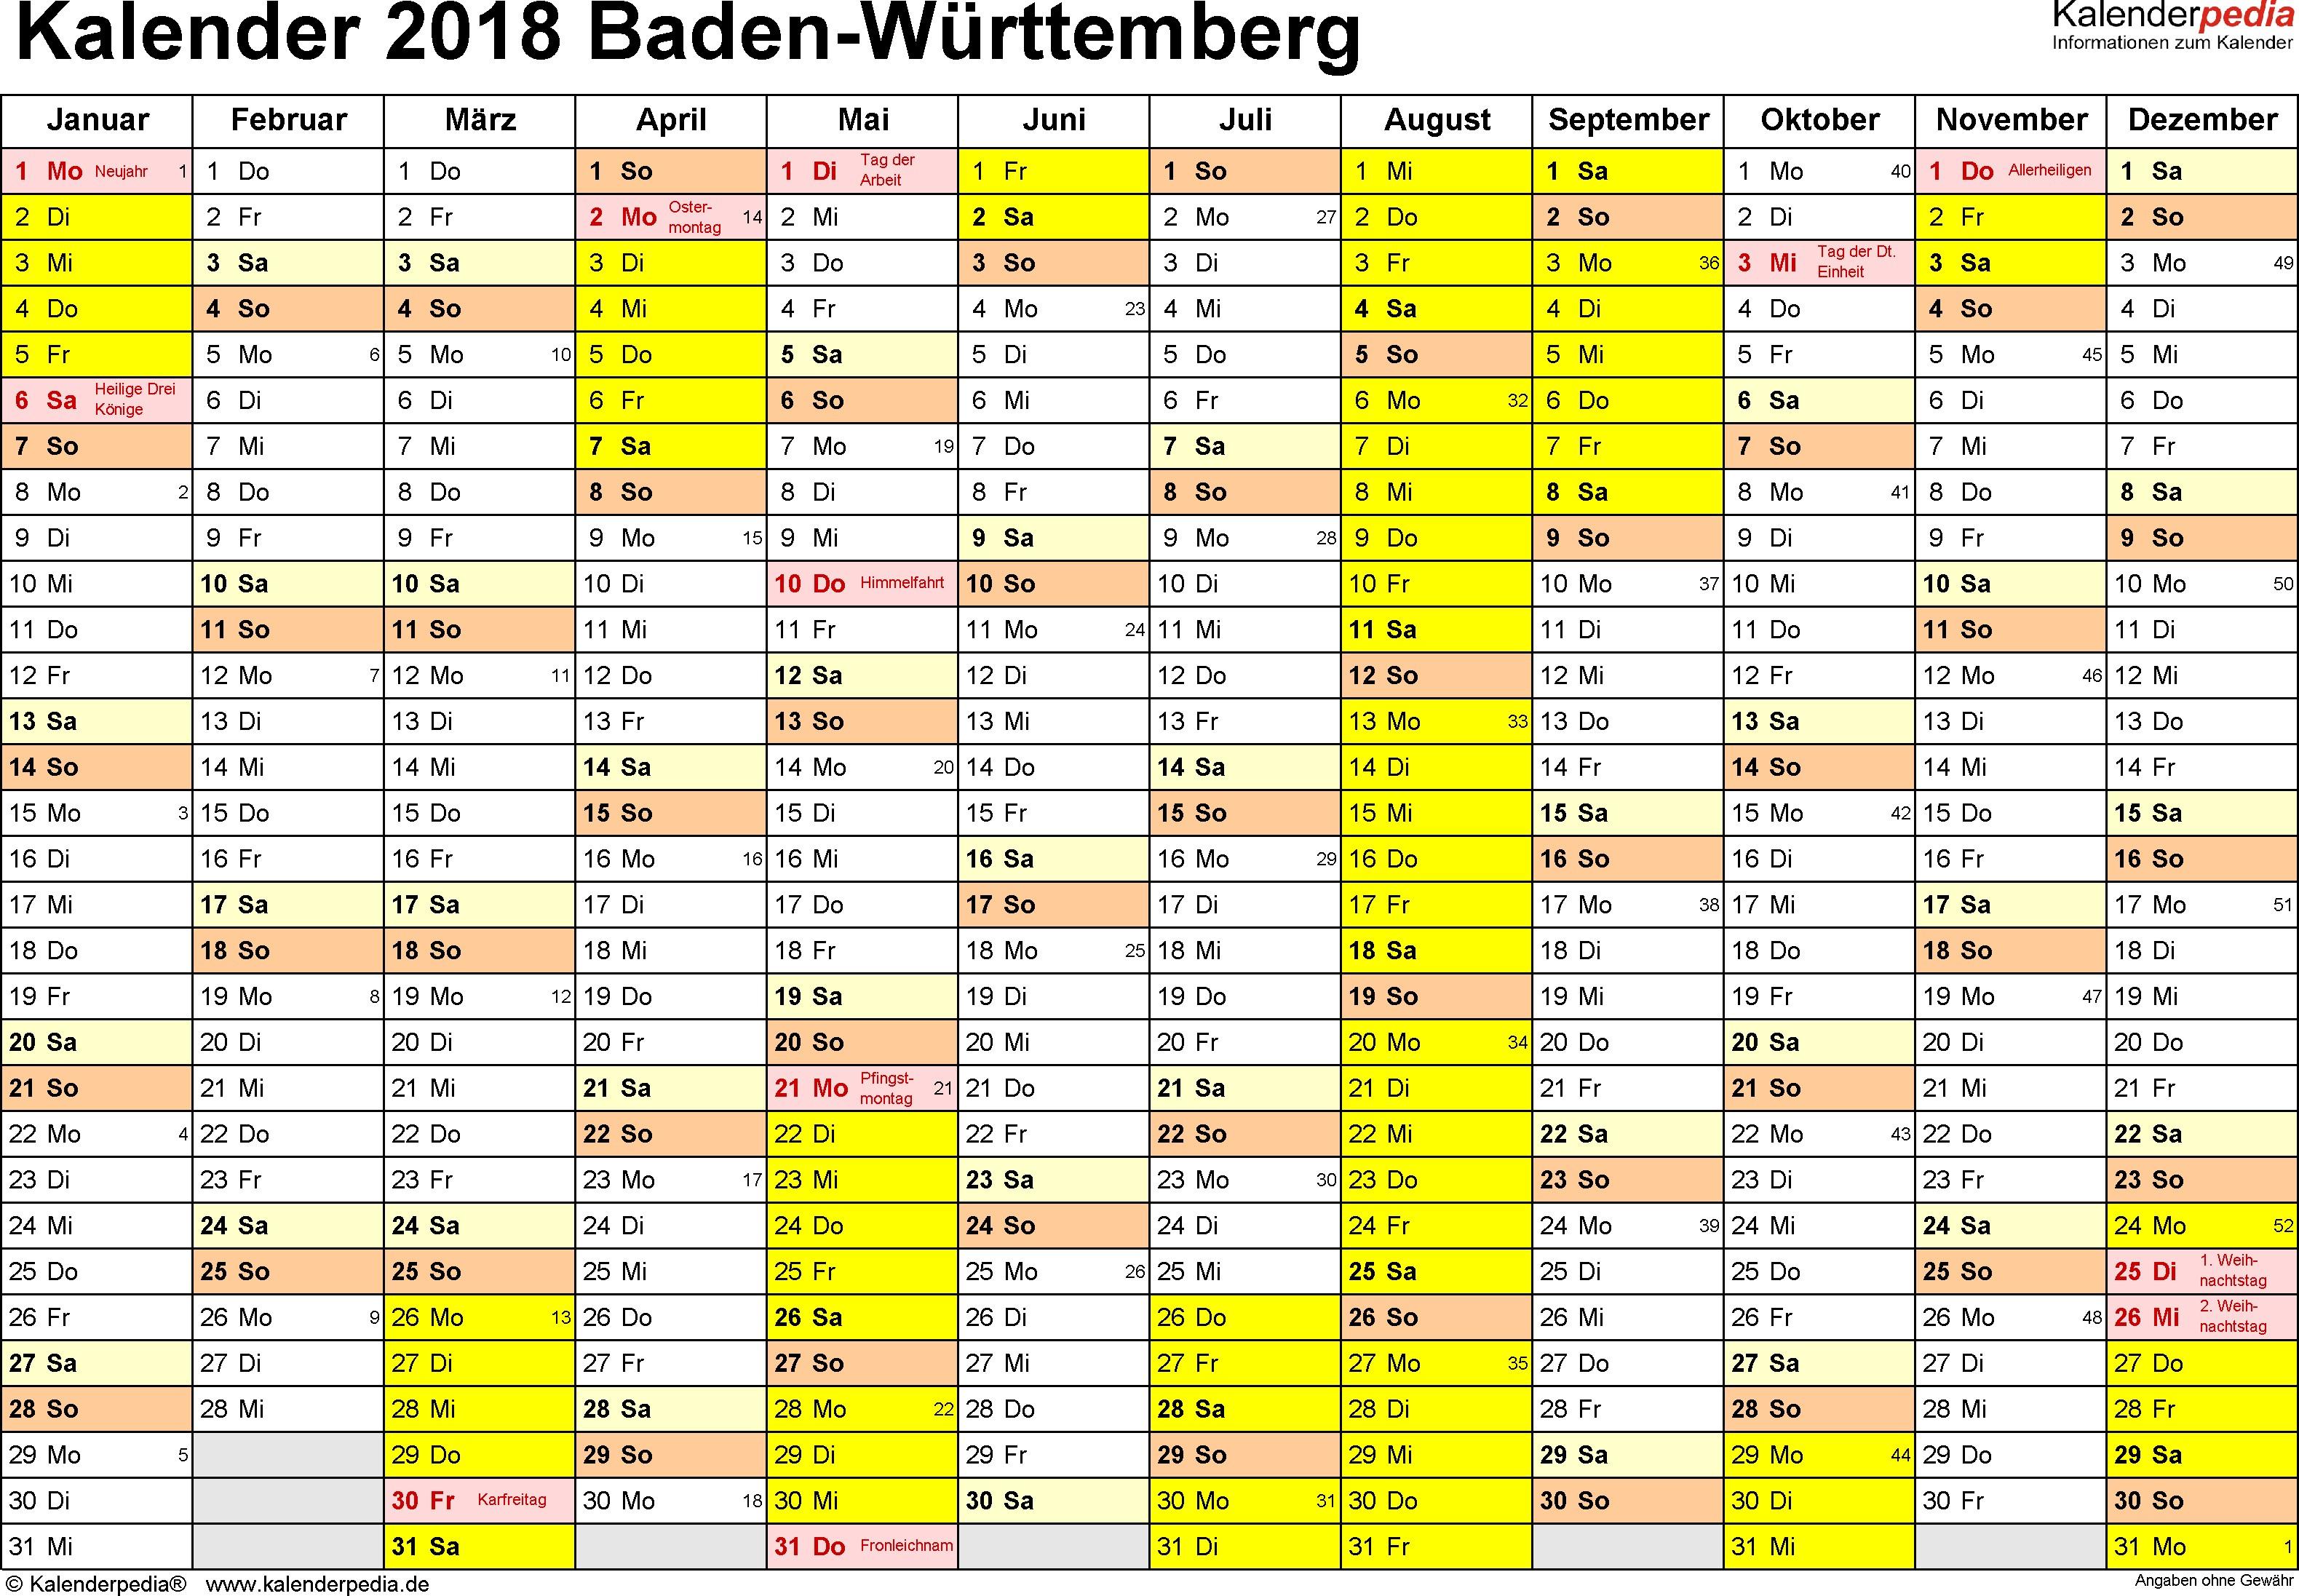 Kalender 2019 Als Excel-vorlagen Actual Kalender 2018 Baden Württemberg Ferien Feiertage Word Vorlagen